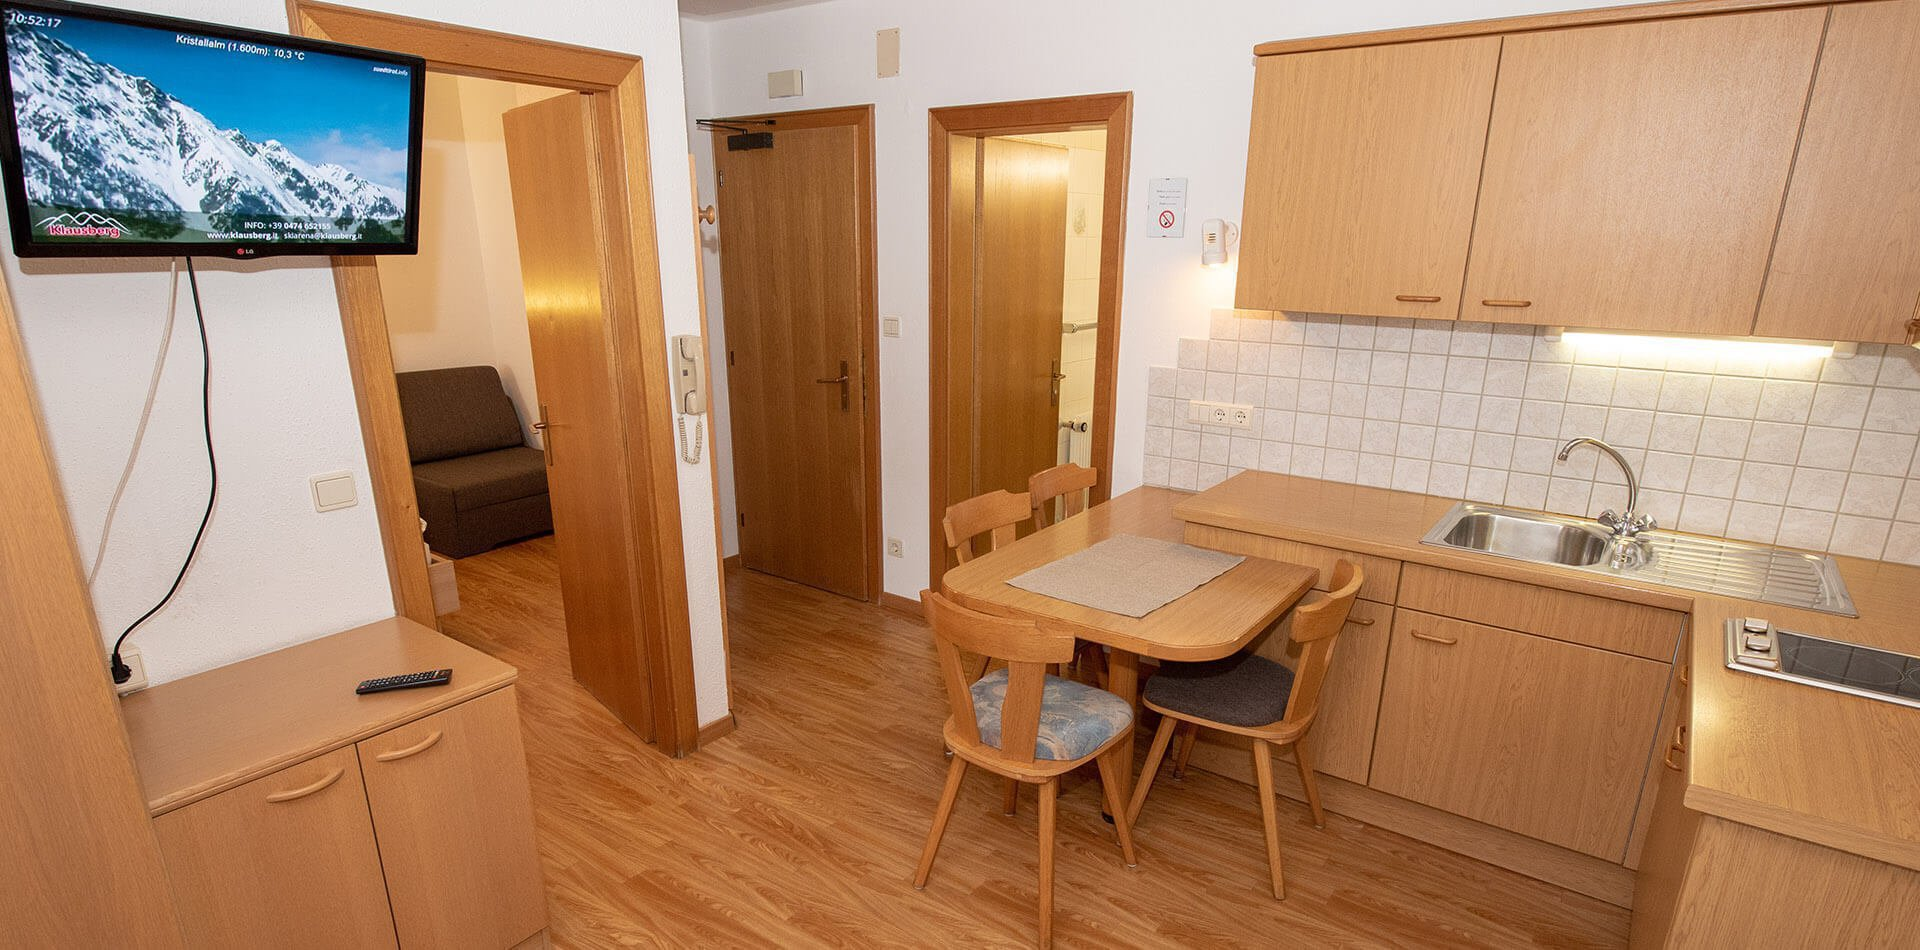 appartement-residence-klausberg-ferienwohnungen-im-ahrntal-8